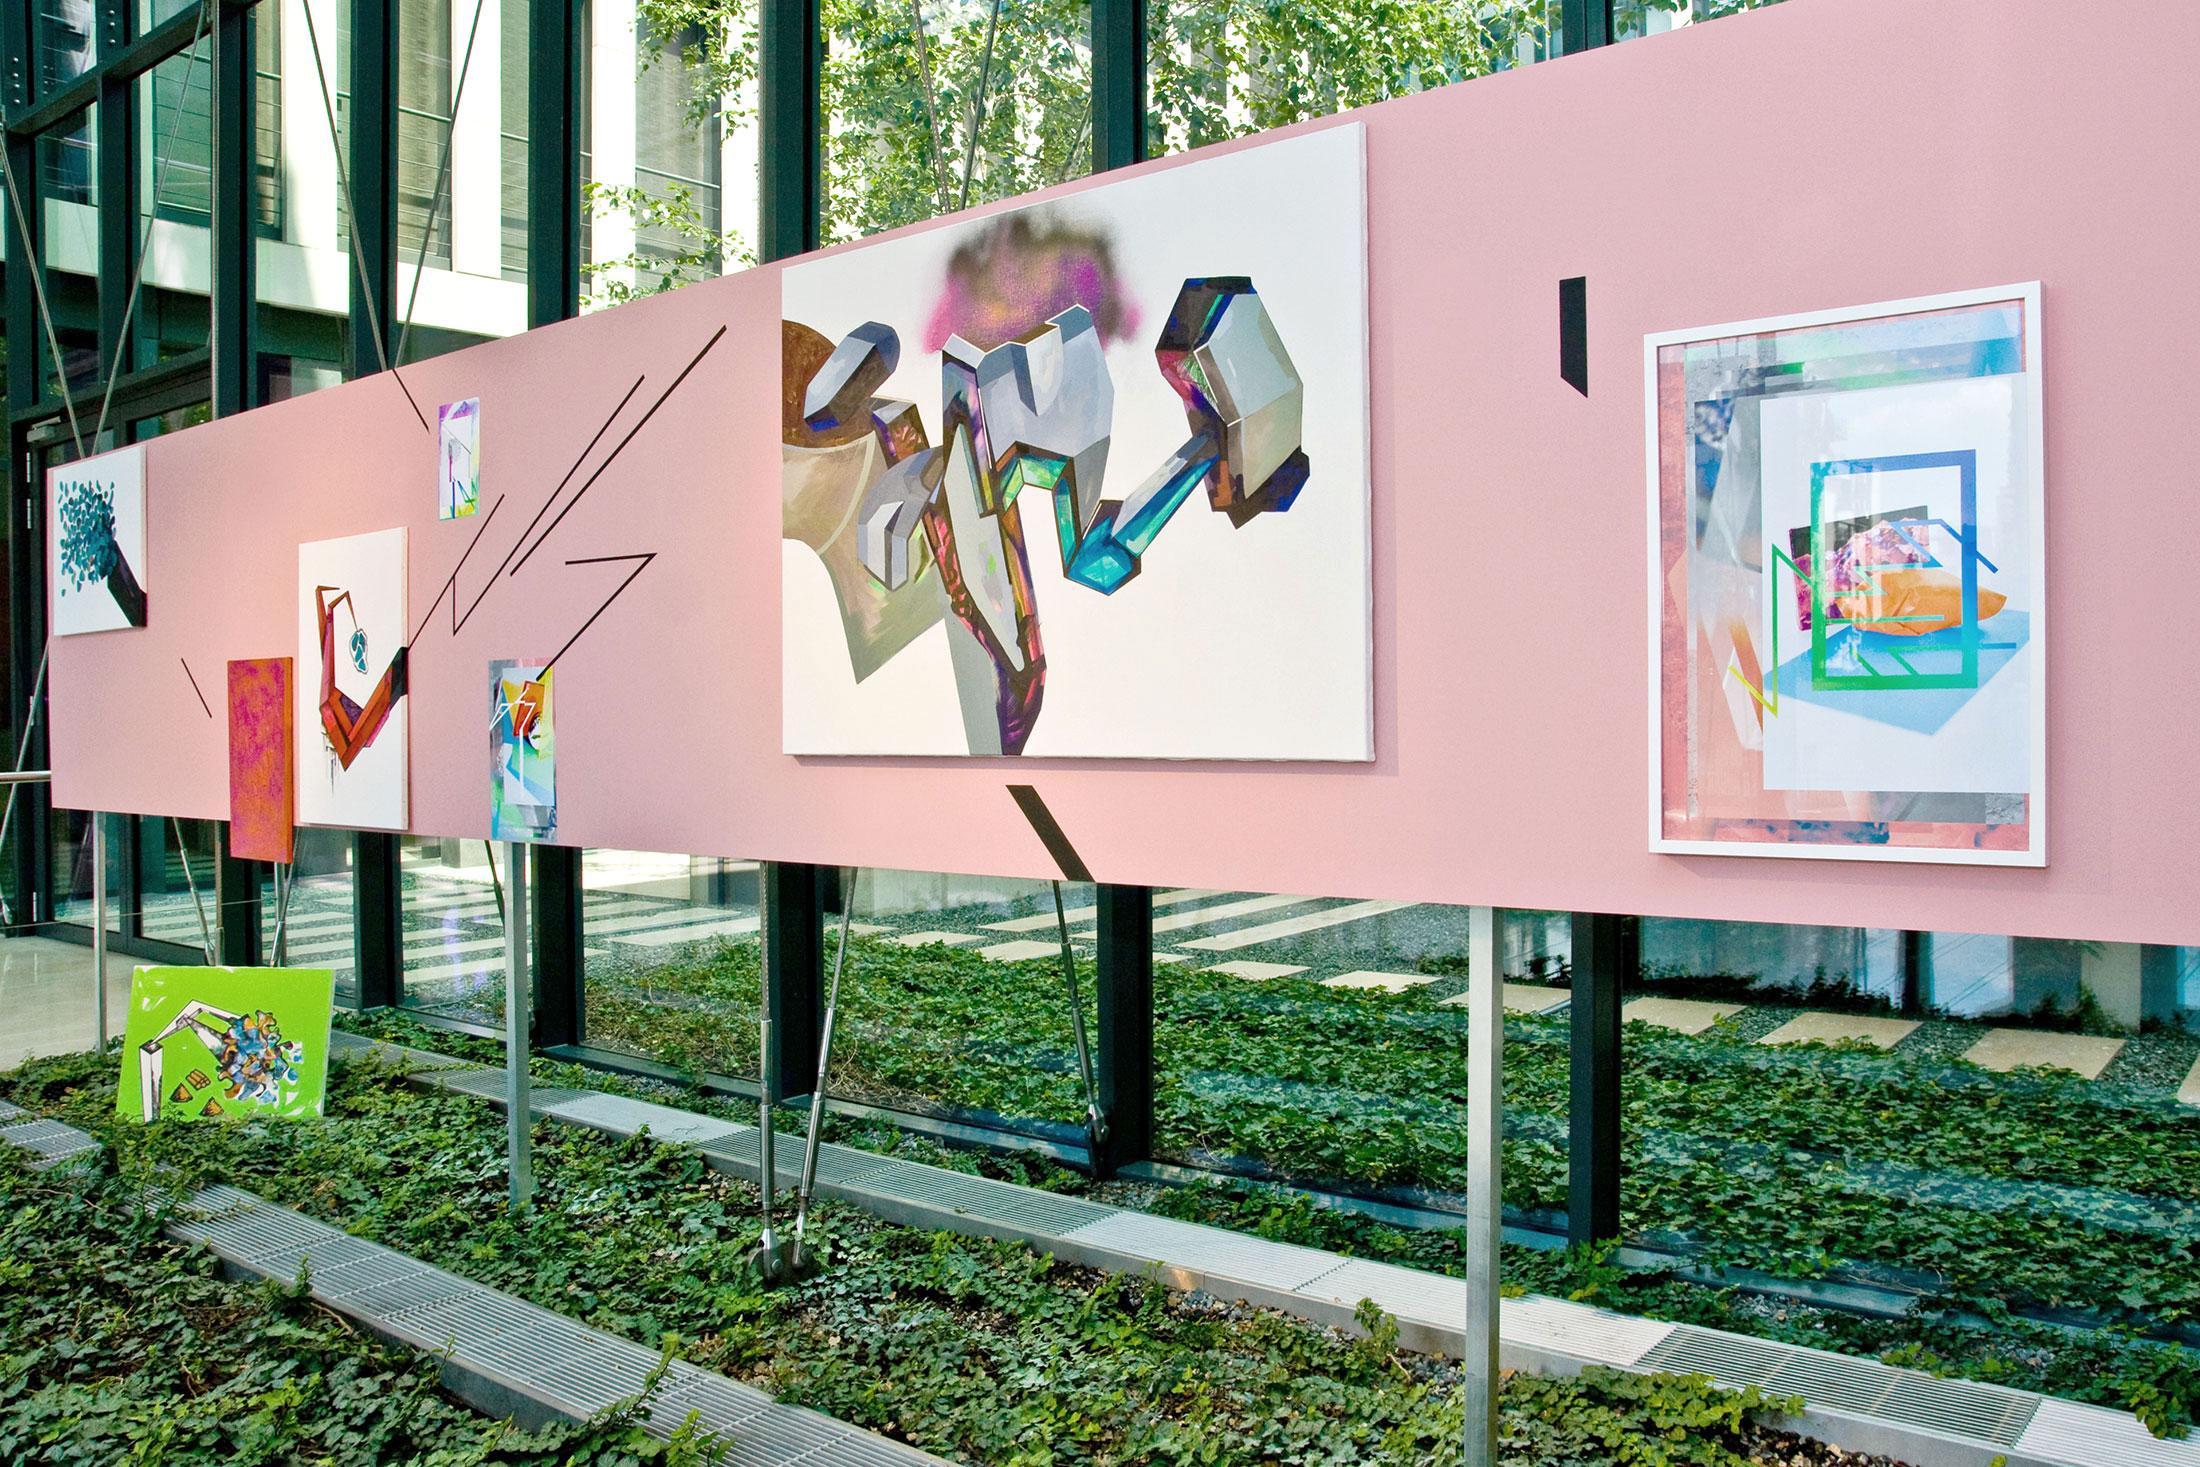 Ewa Doroszenko – Future sex based on Parade amoureuse byFrancis Picabia, Starak Family Foundation